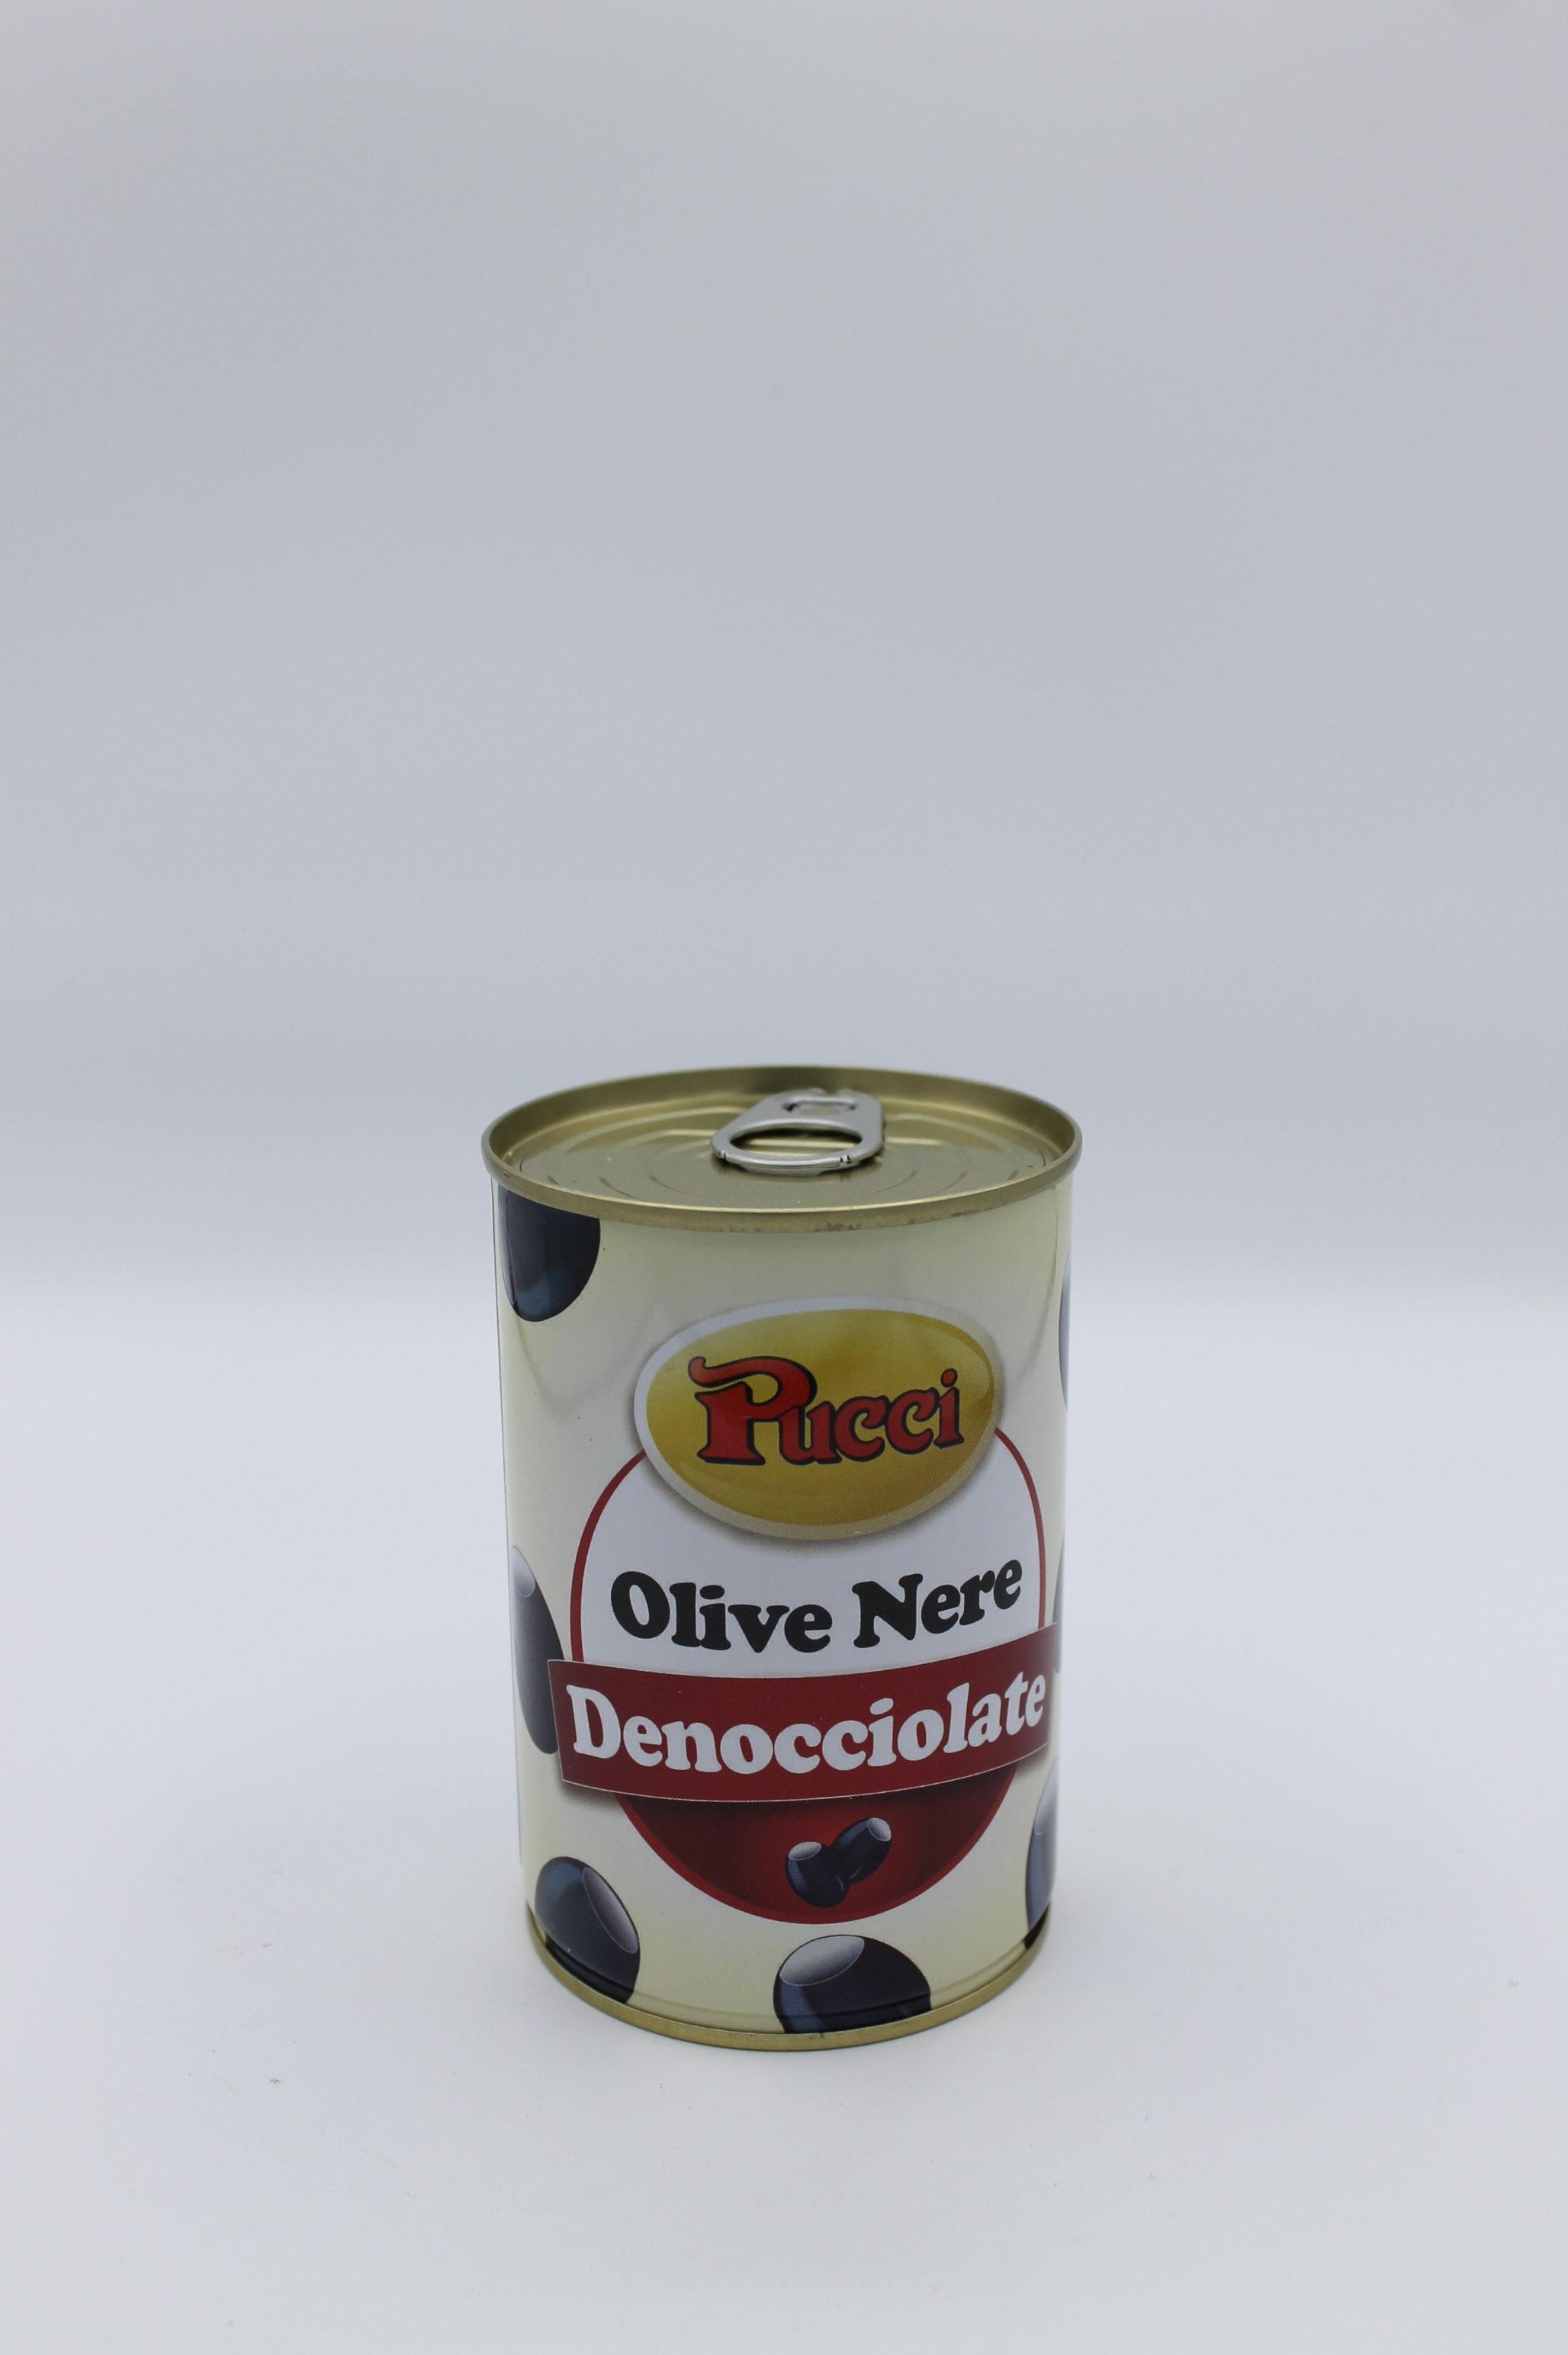 Pucci olive nere denocciolate 170 gr.